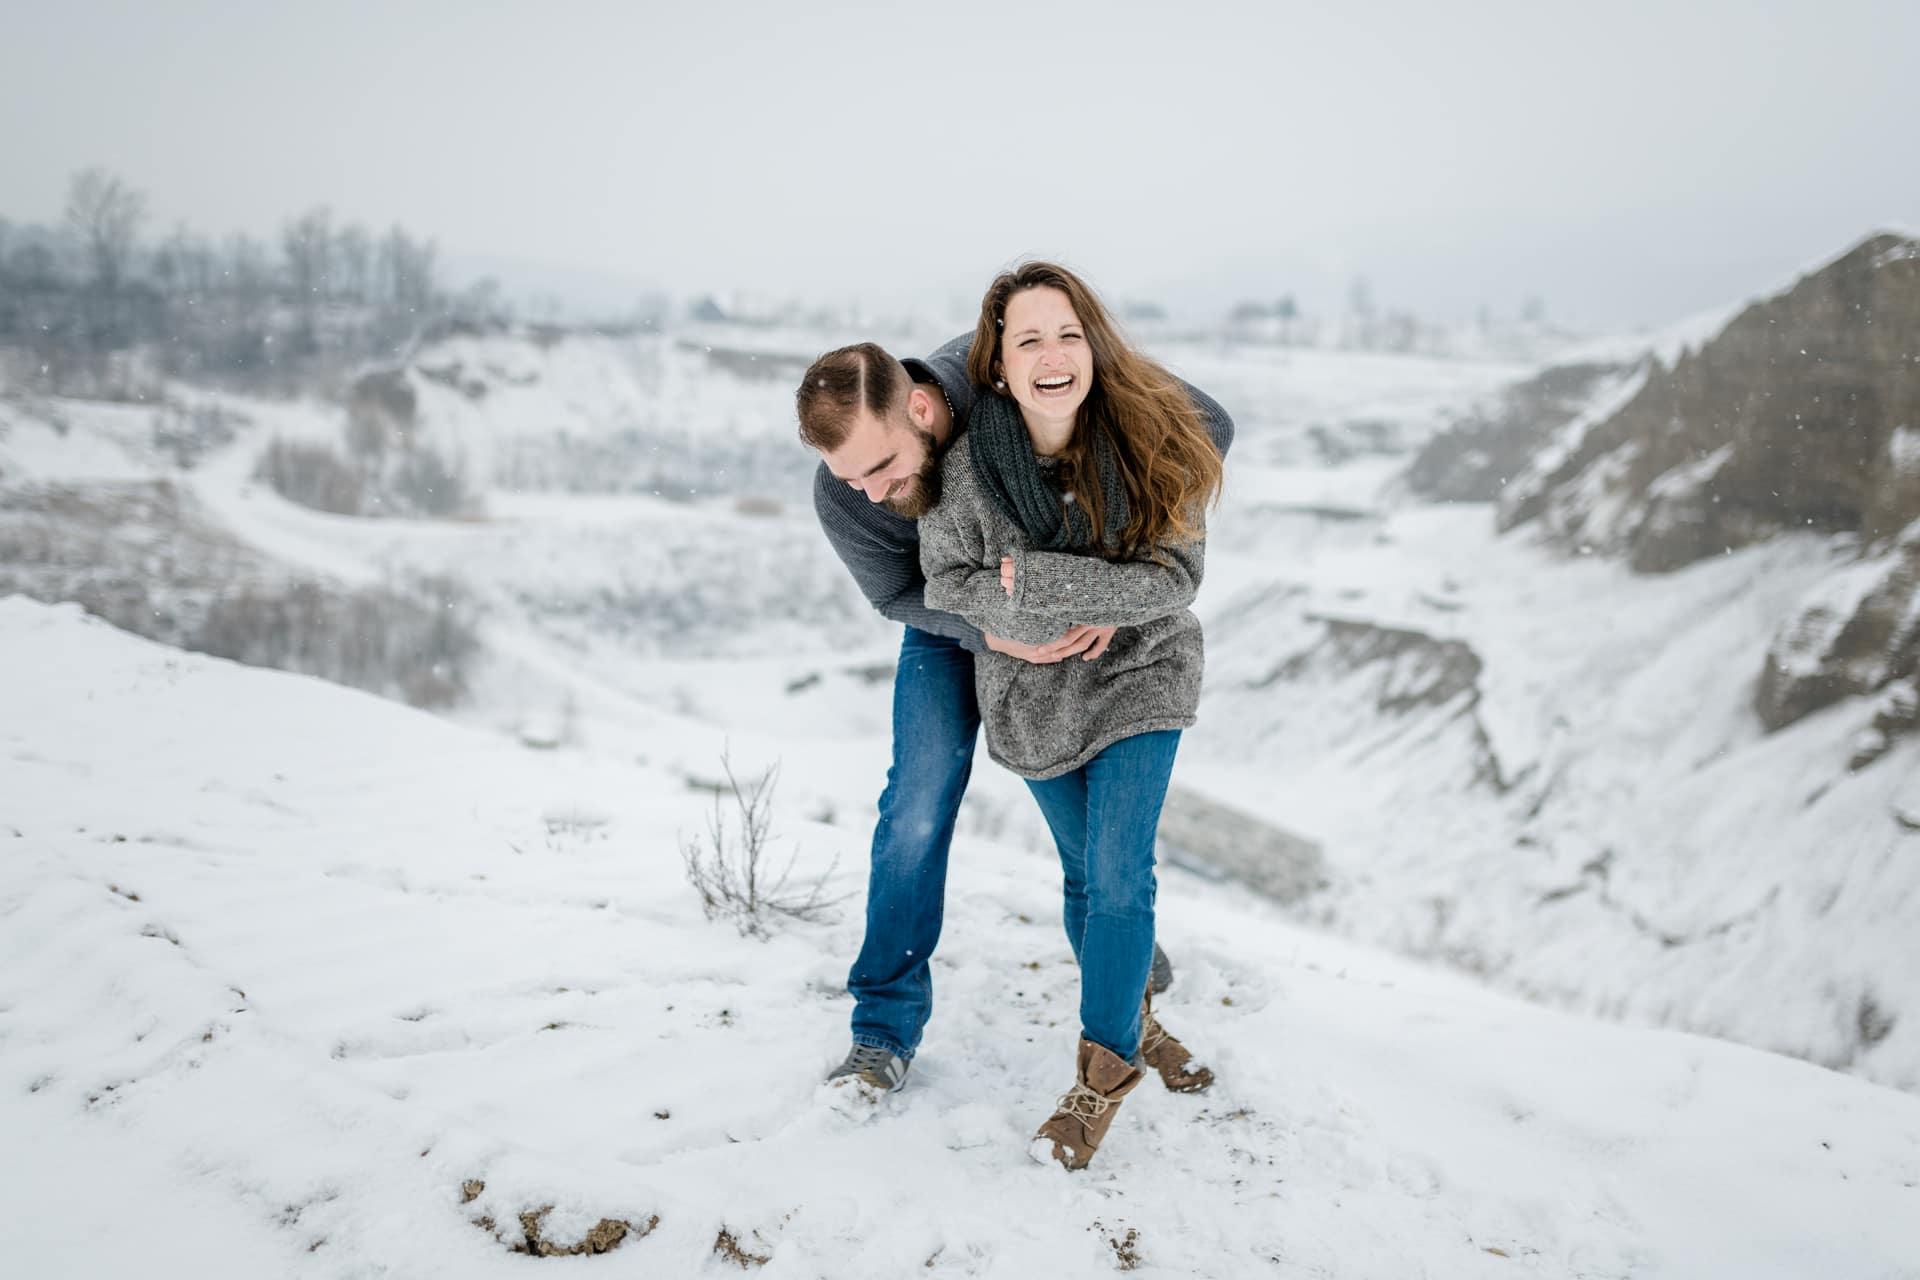 Verliebtes Paar tollt herum während winterlichem Verlobungsshooting im Schnee nahe Solothurn